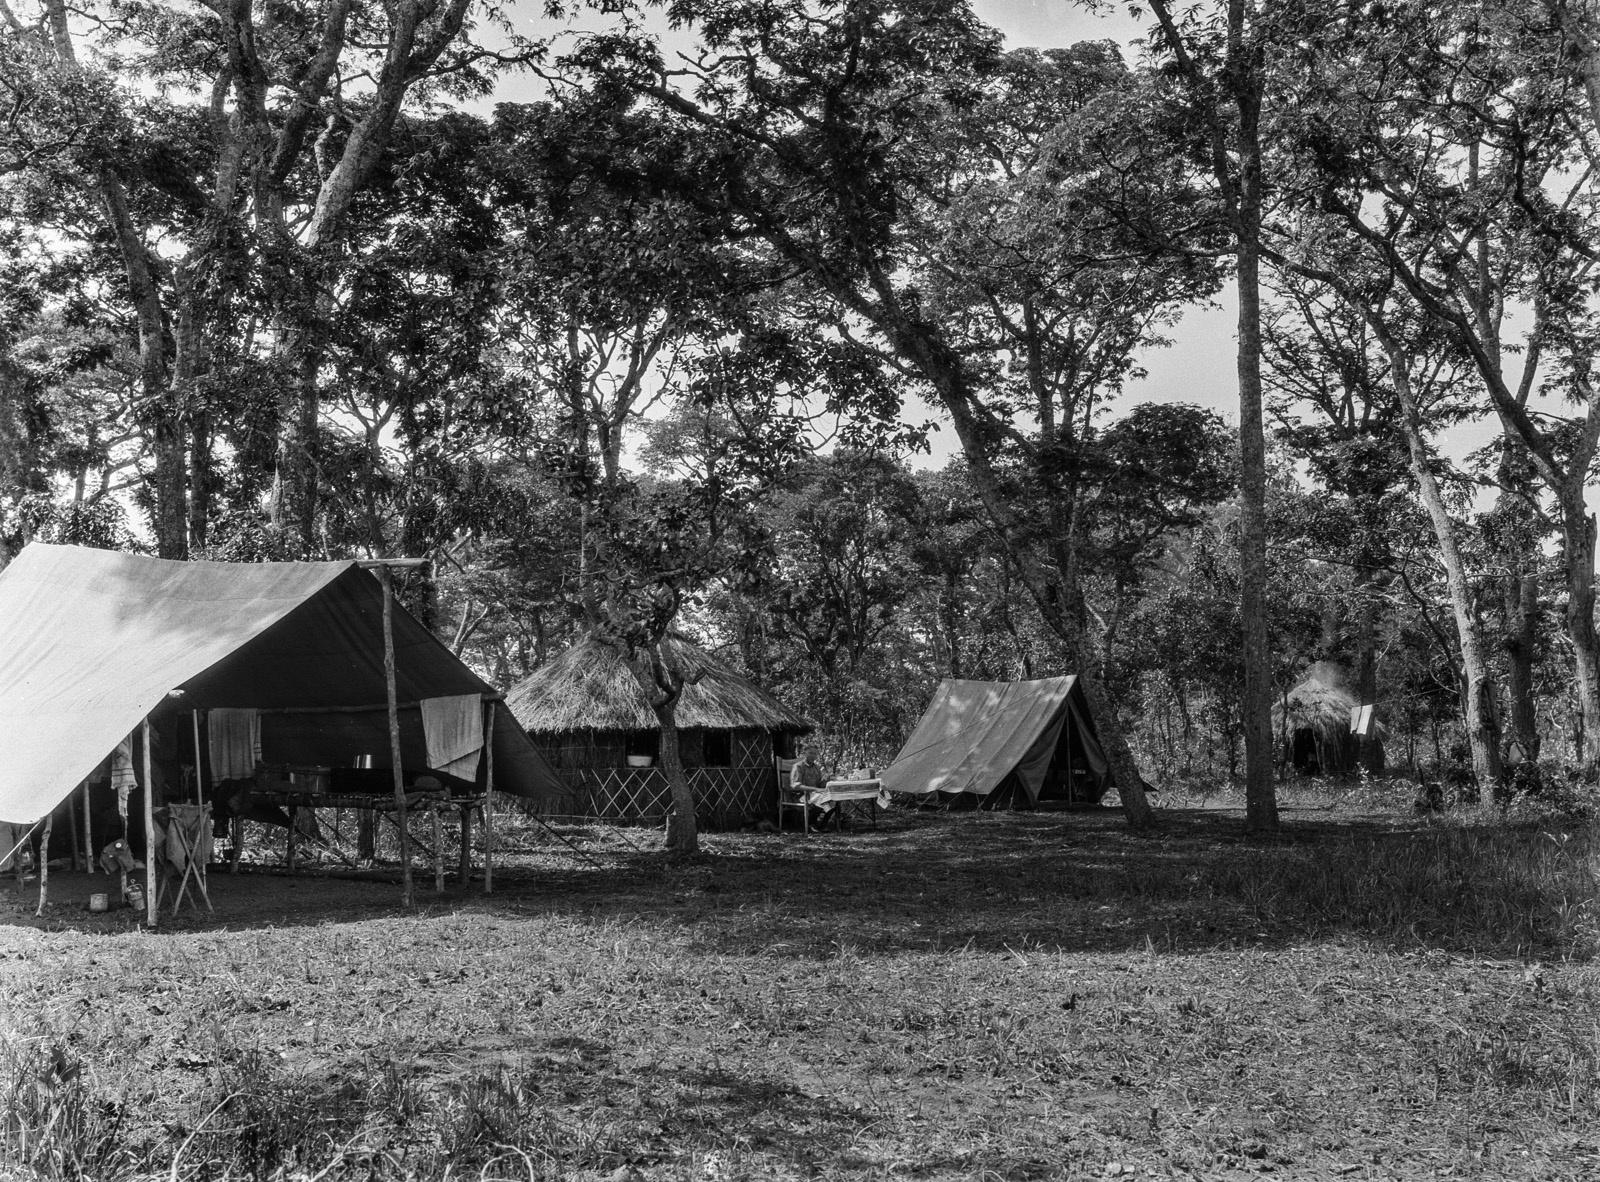 Н'Чанга. Лагерь изыскателей в лесу